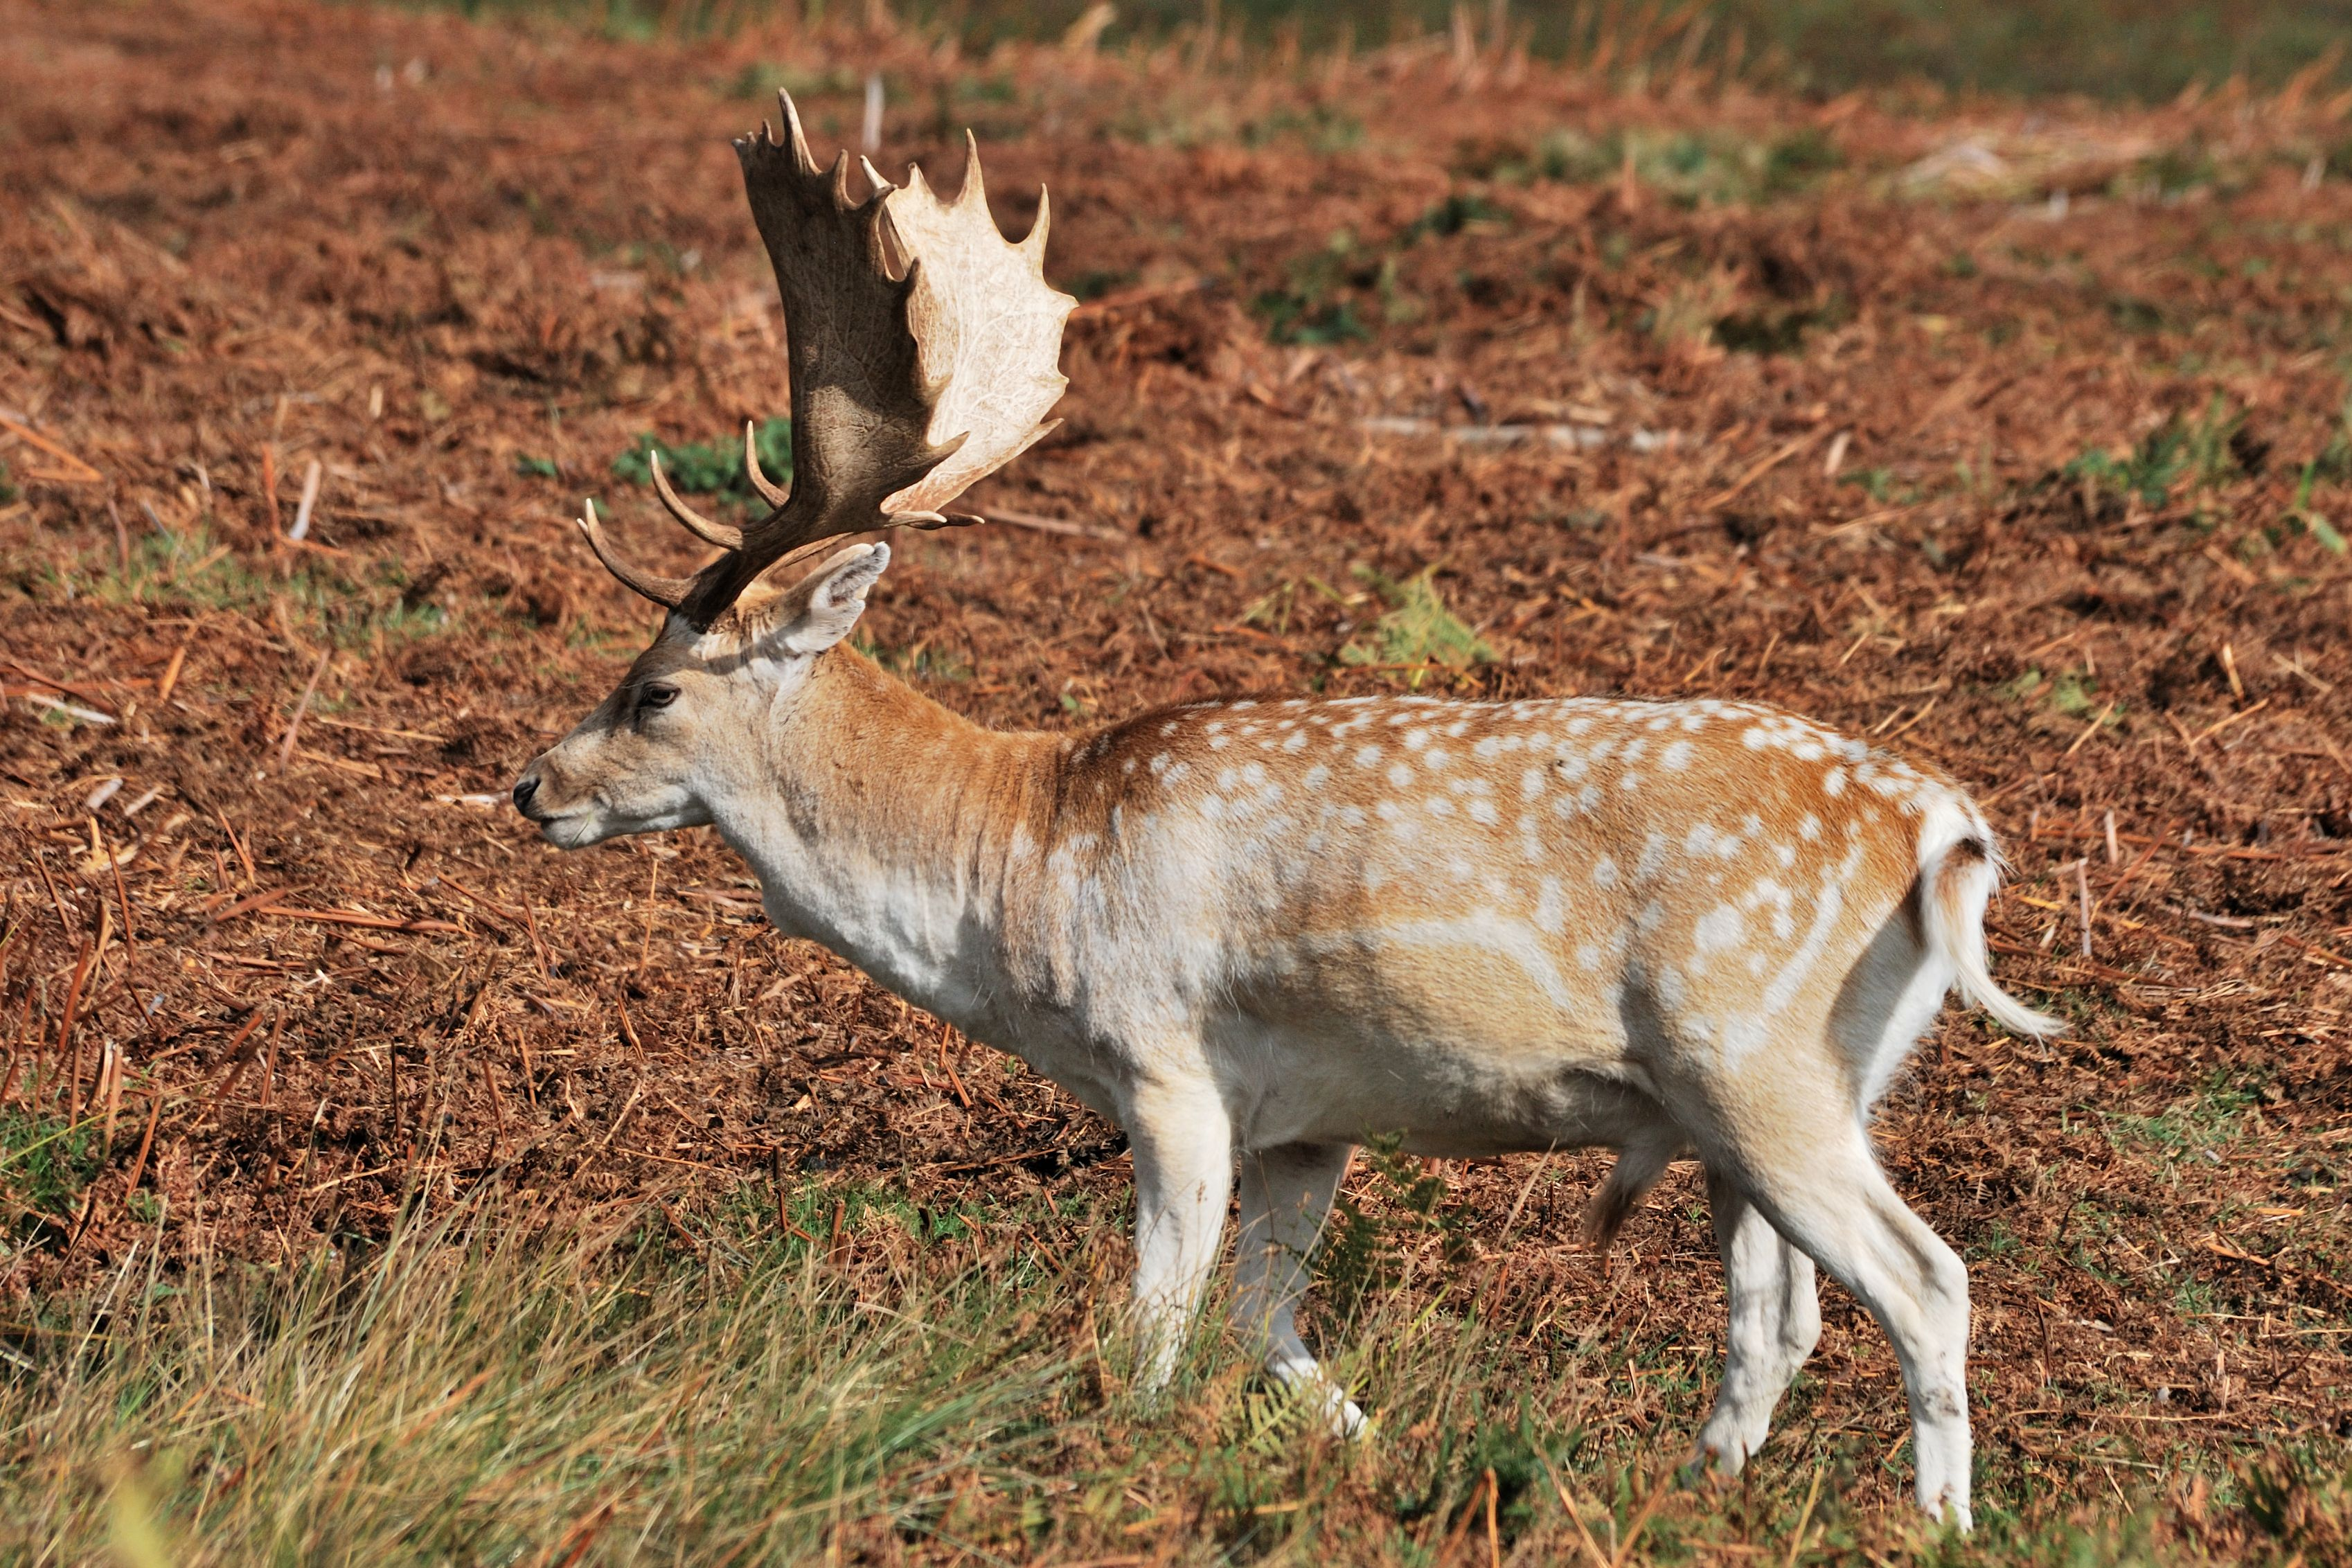 An example of a fallow deer buck